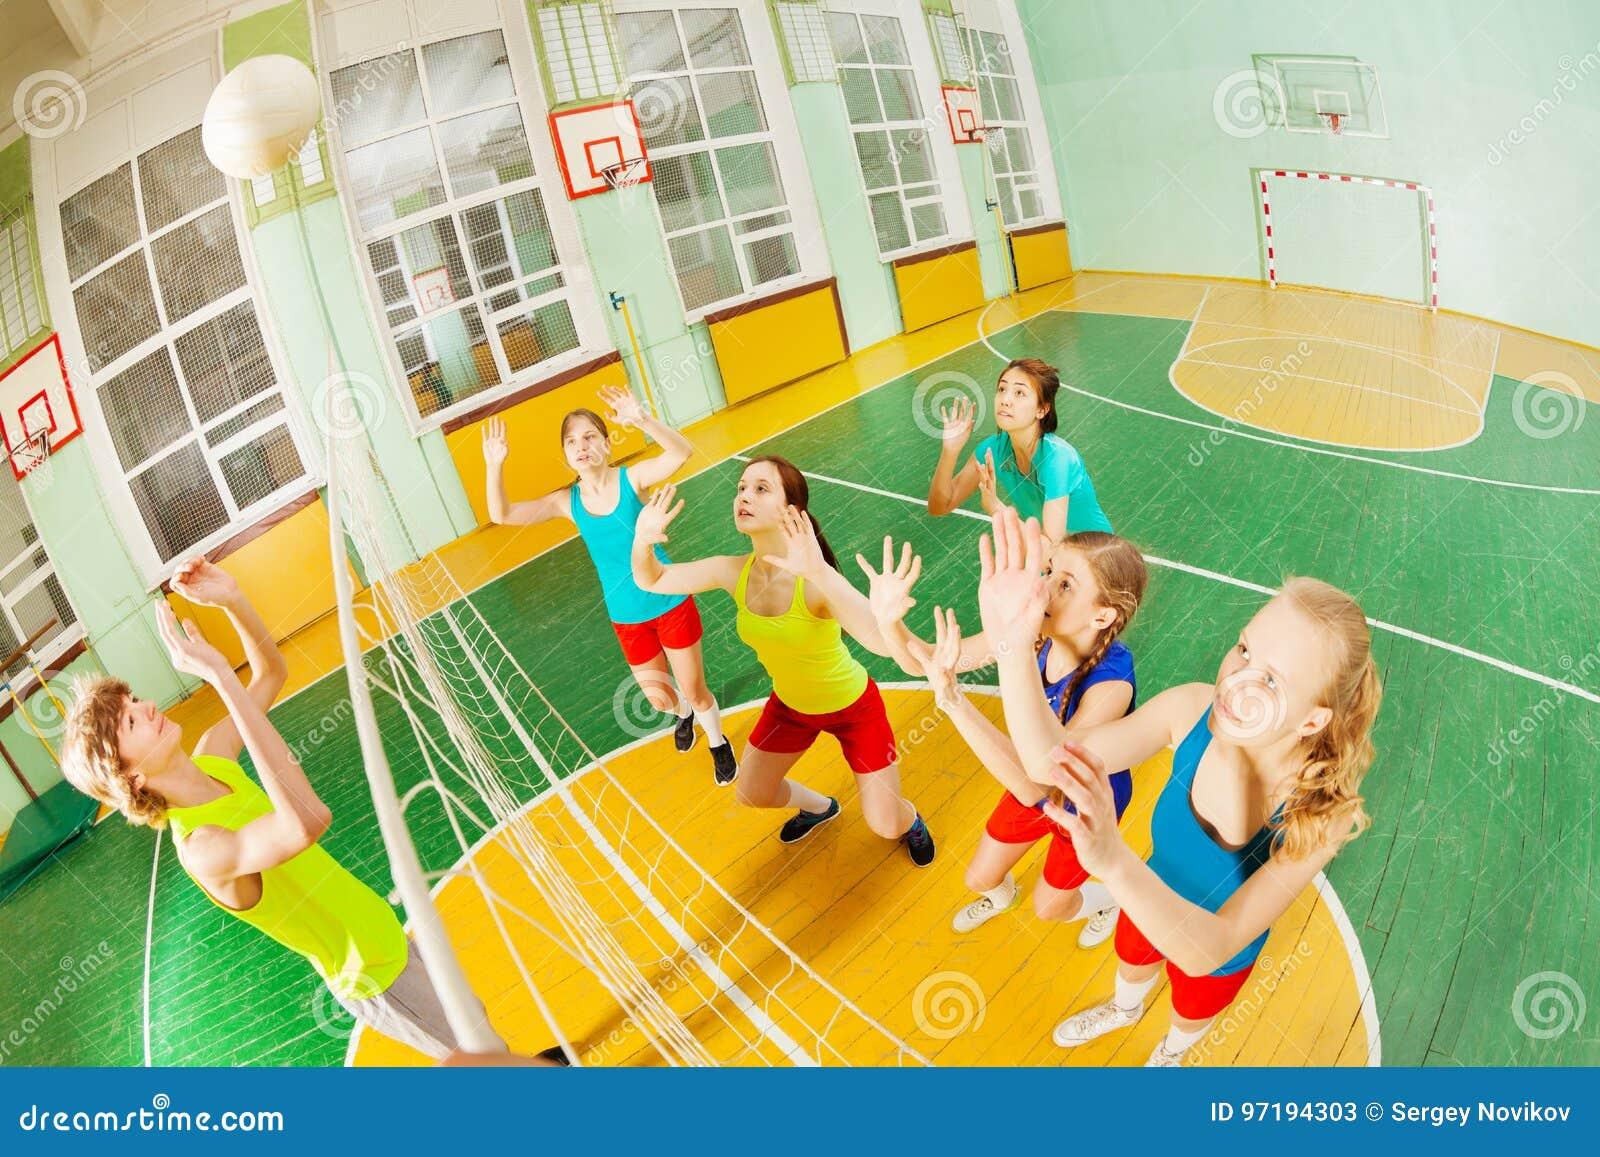 Έφηβος που εξυπηρετεί τη σφαίρα κατά τη διάρκεια της αντιστοιχίας πετοσφαίρισης